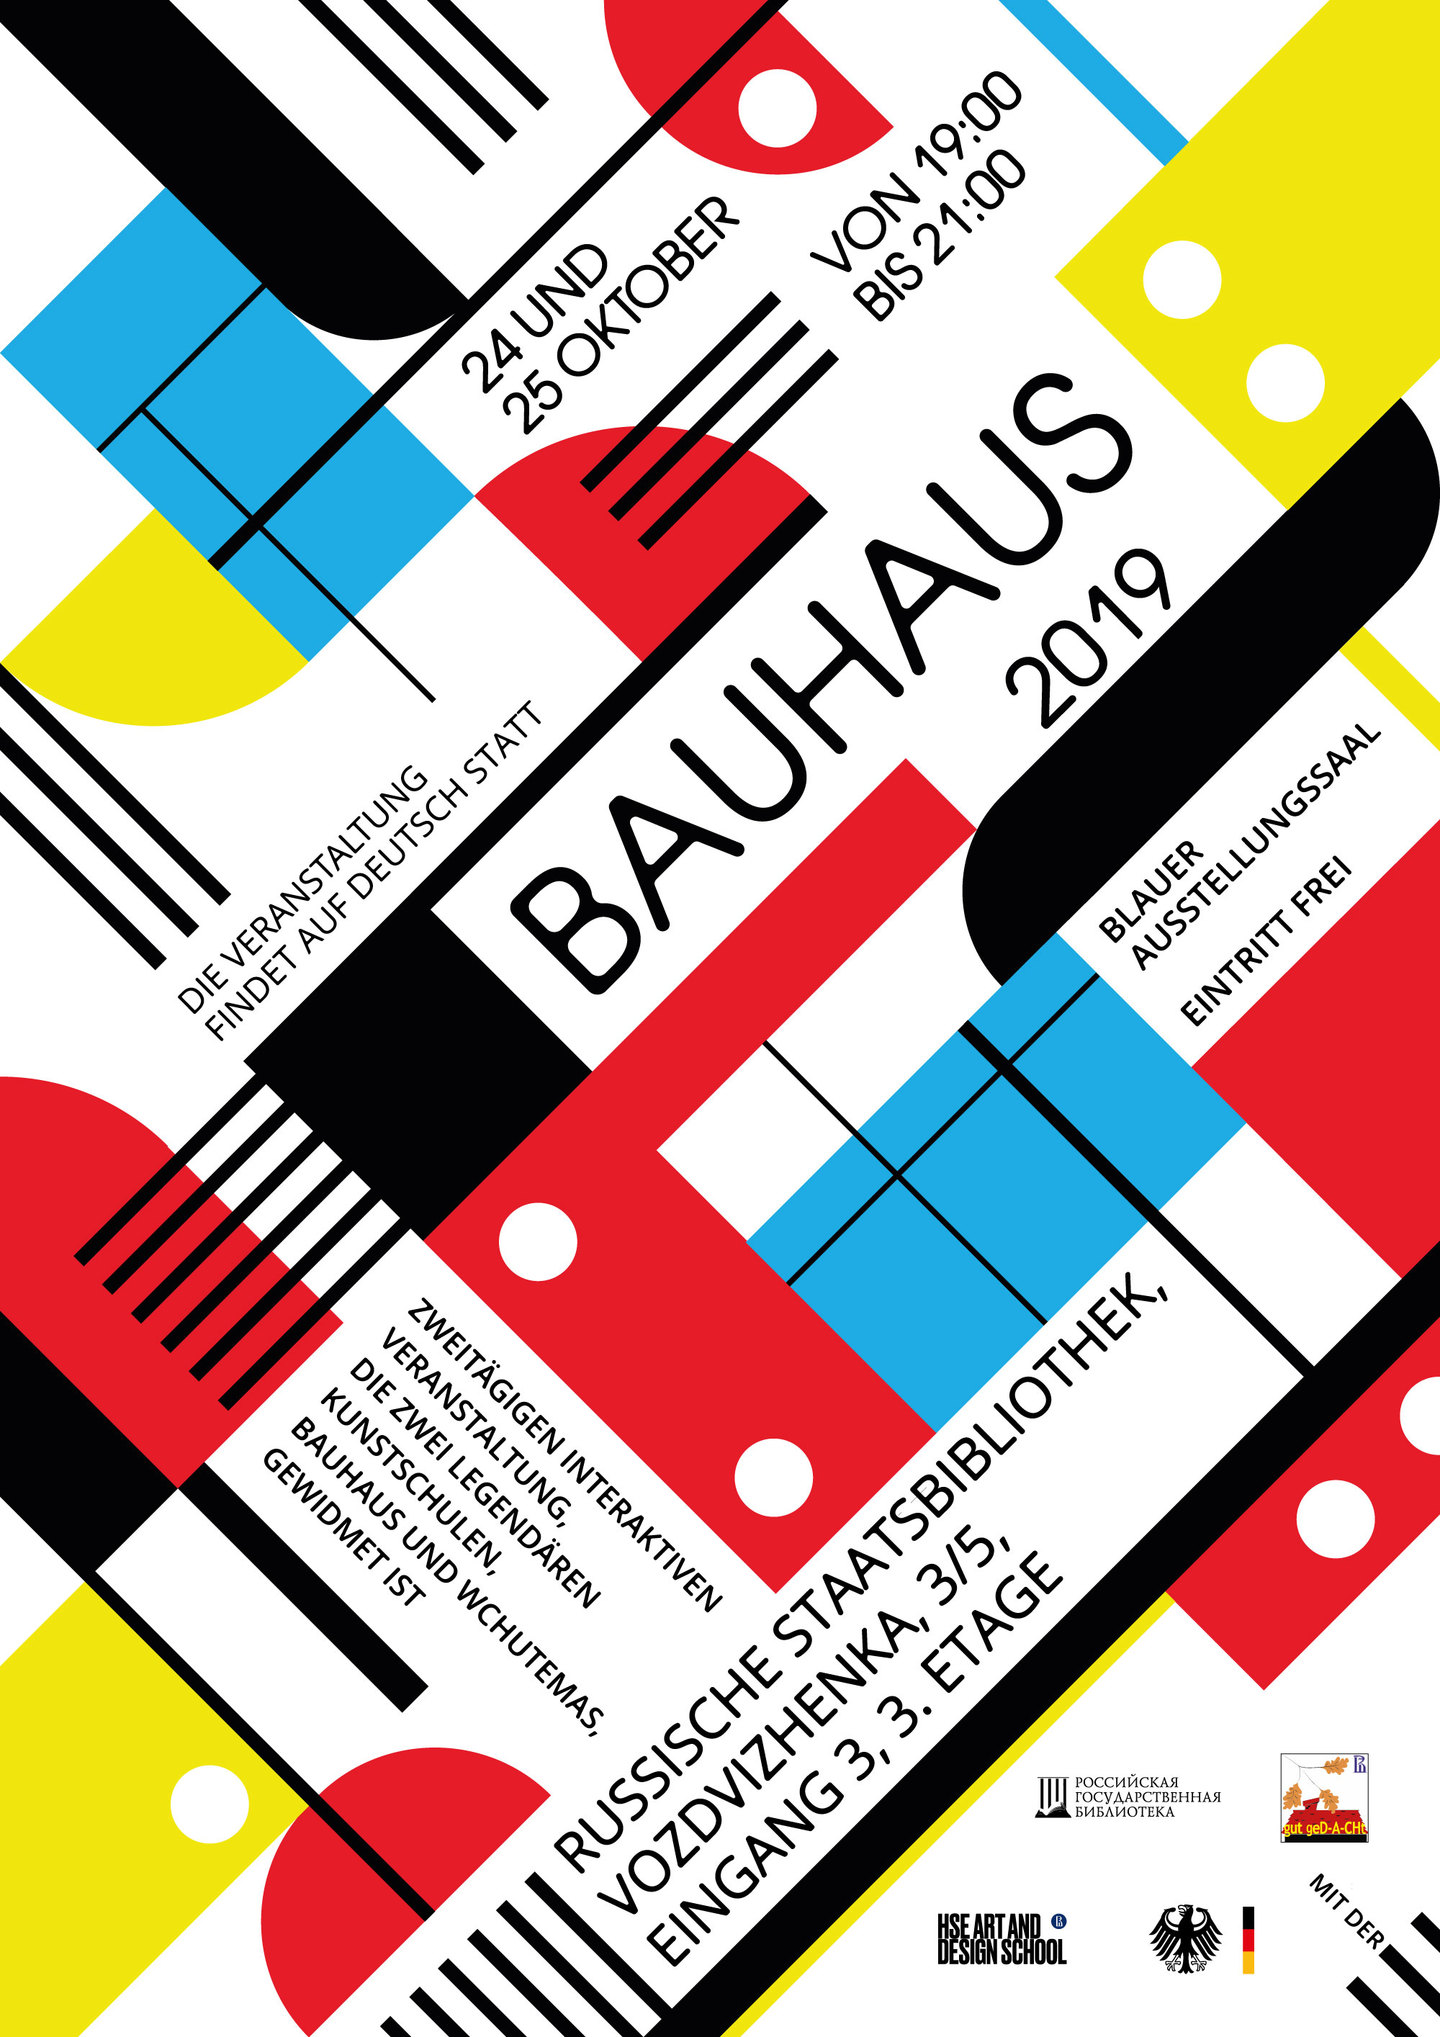 Плакаты для Российской государственной библиотеки (РГБ)